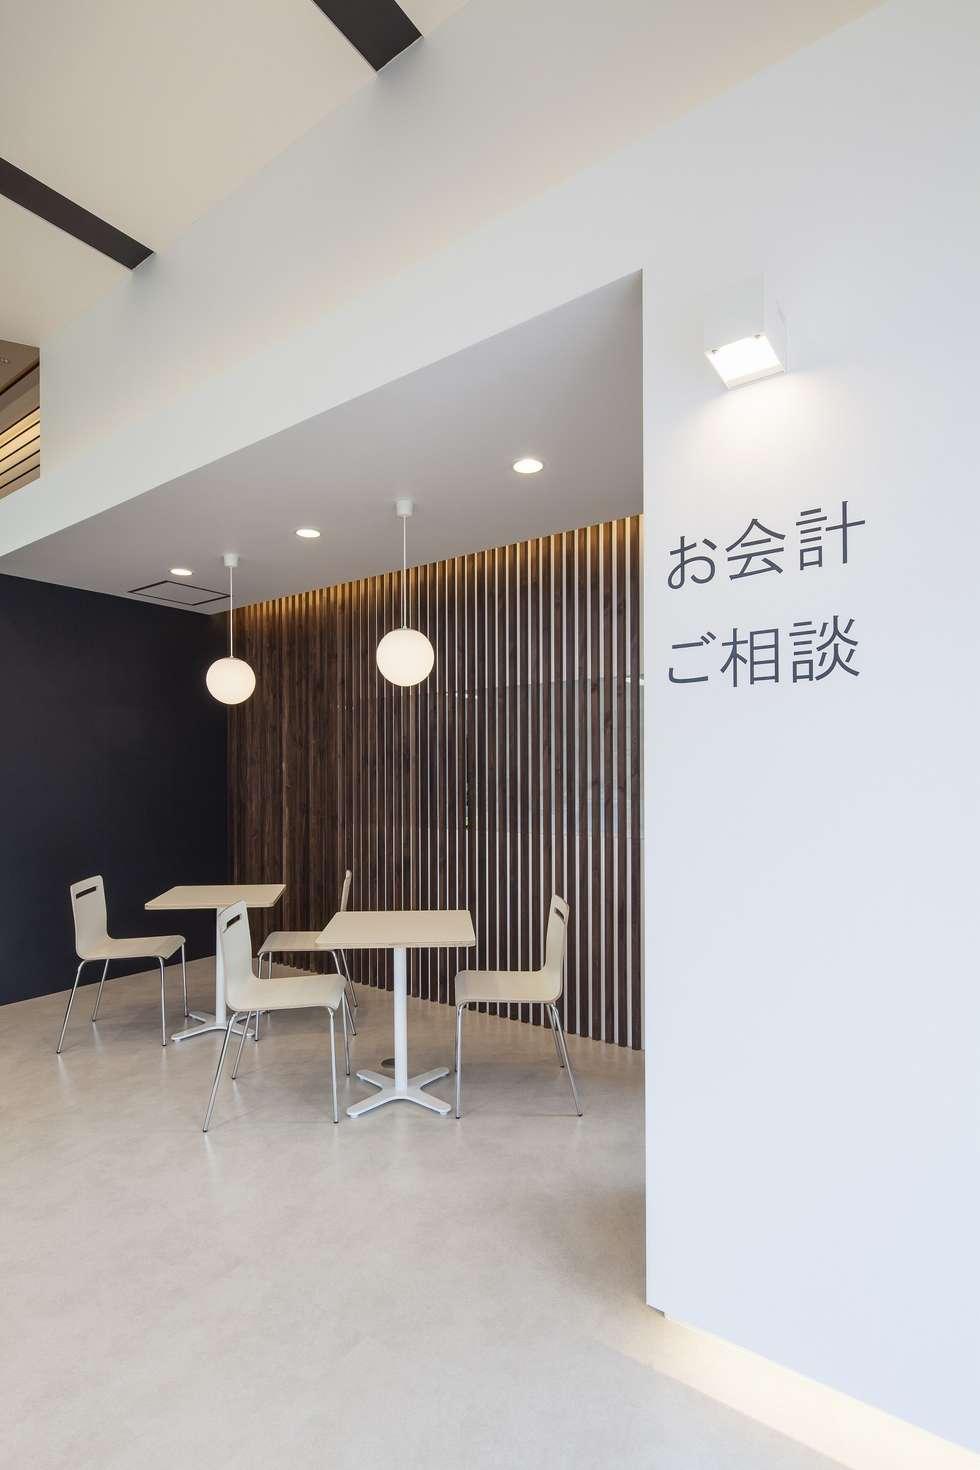 会計コーナー: 有限会社ミサオケンチクラボが手掛けた商業空間です。